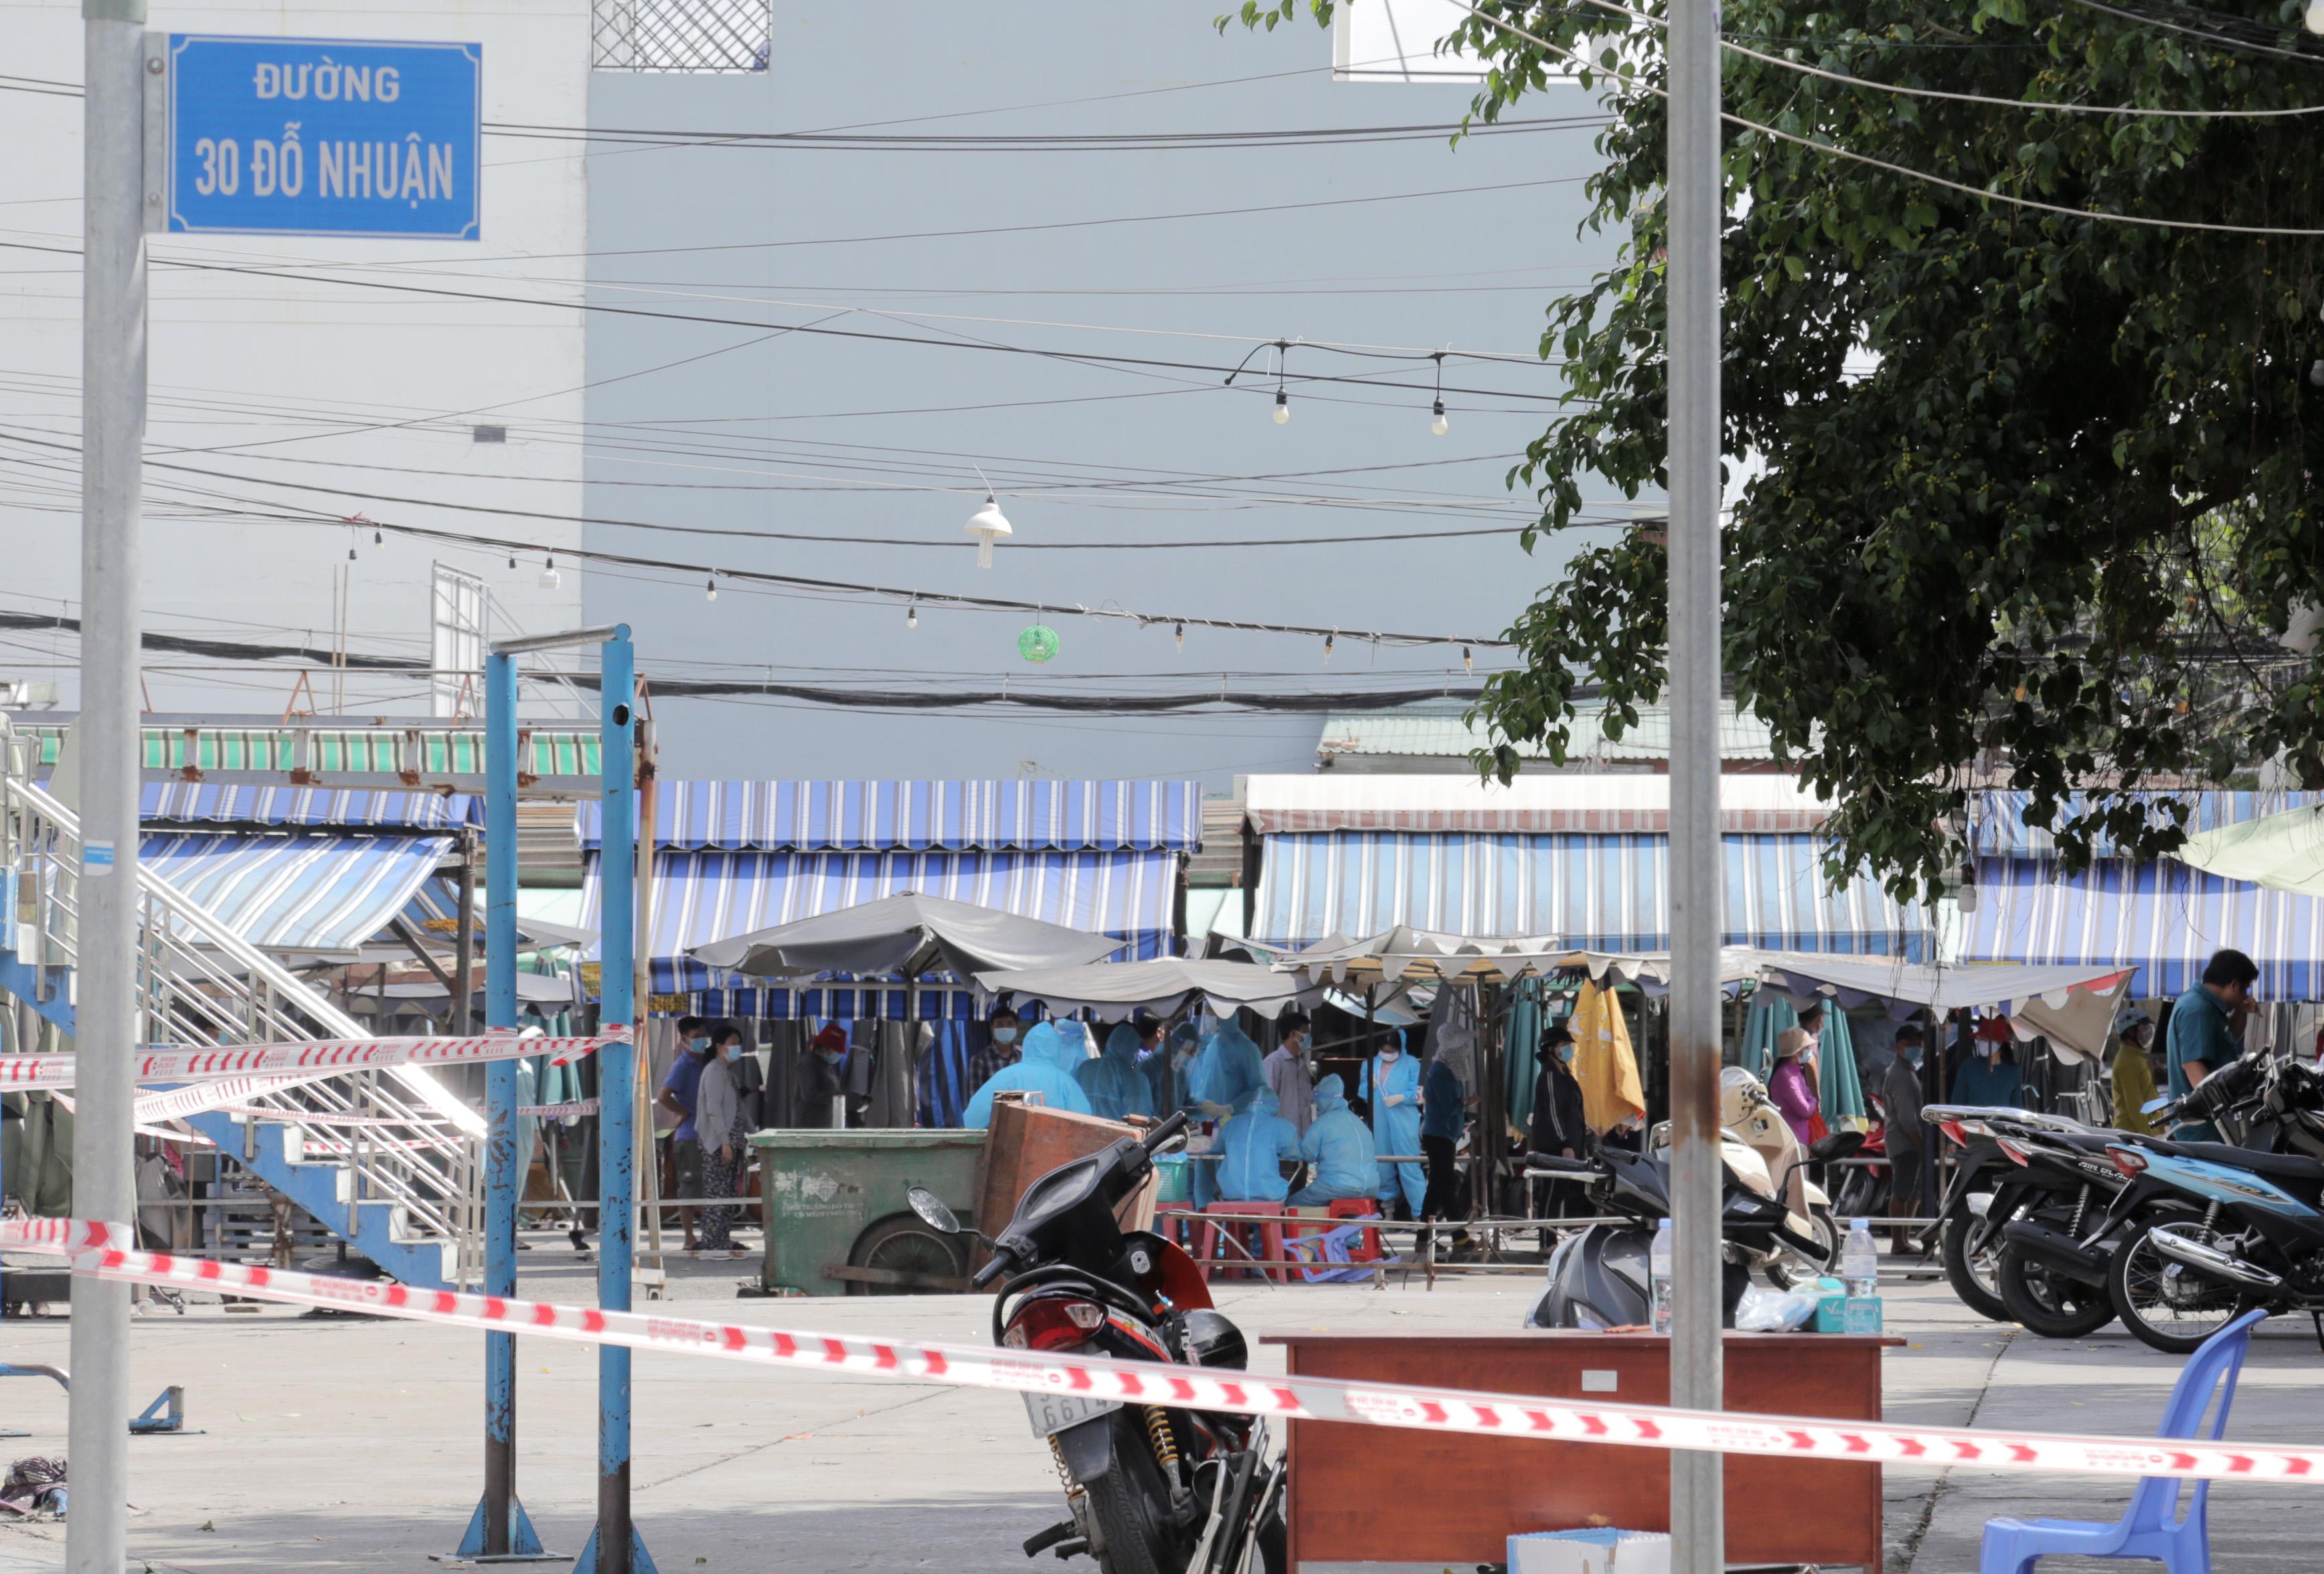 Ảnh: Phong tỏa mọi ngóc ngách, xét nghiệm hàng trăm người tại chợ ở Tân Phú vì dịch COVID-19 phức tạp - 13